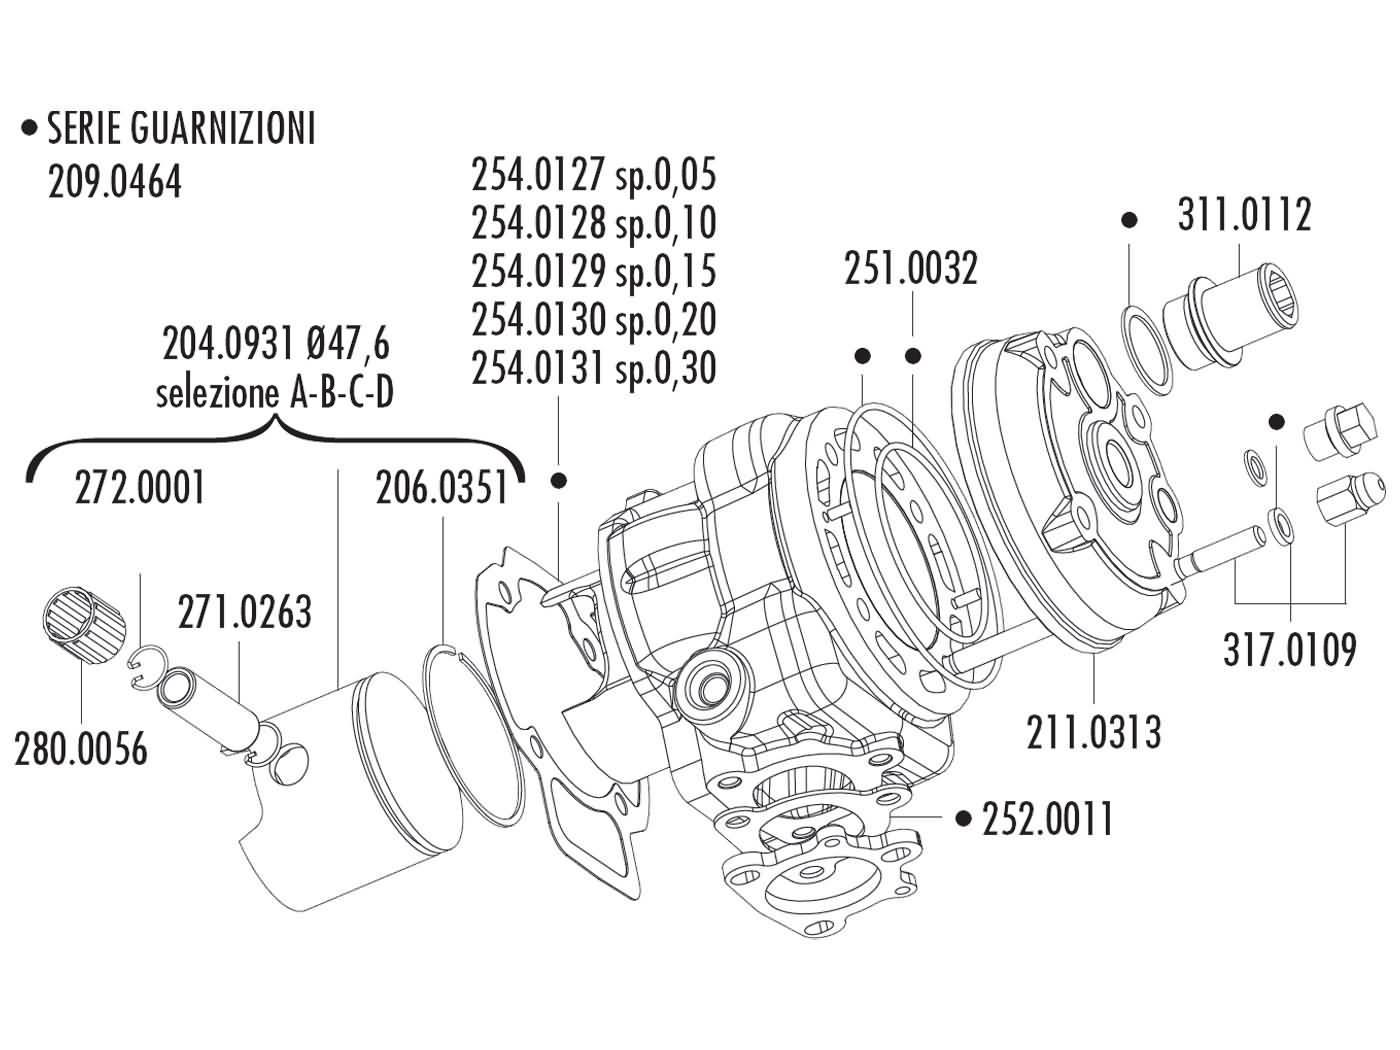 140.0207 cylinder polini big evo 70cc d.47, 6 piaggio nrg